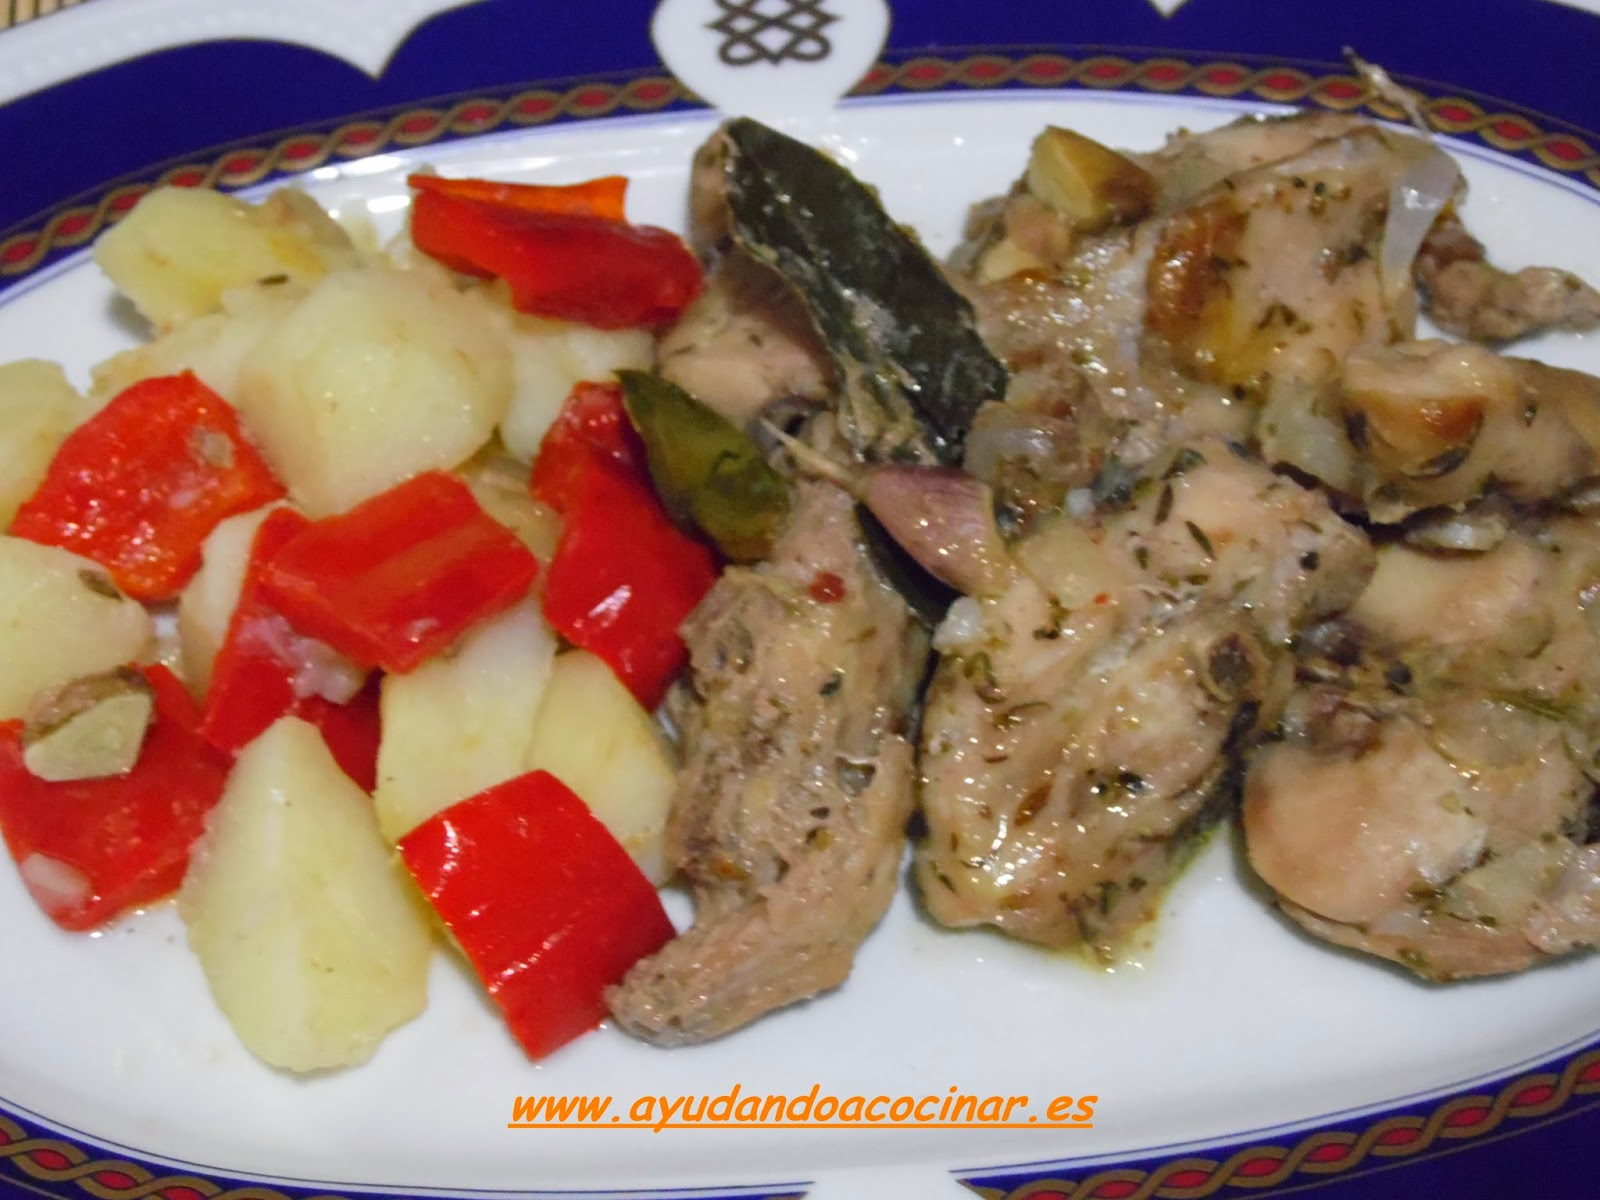 Ayudando a cocinar conejo cocinado en bolsa de horno for Cocinar un conejo